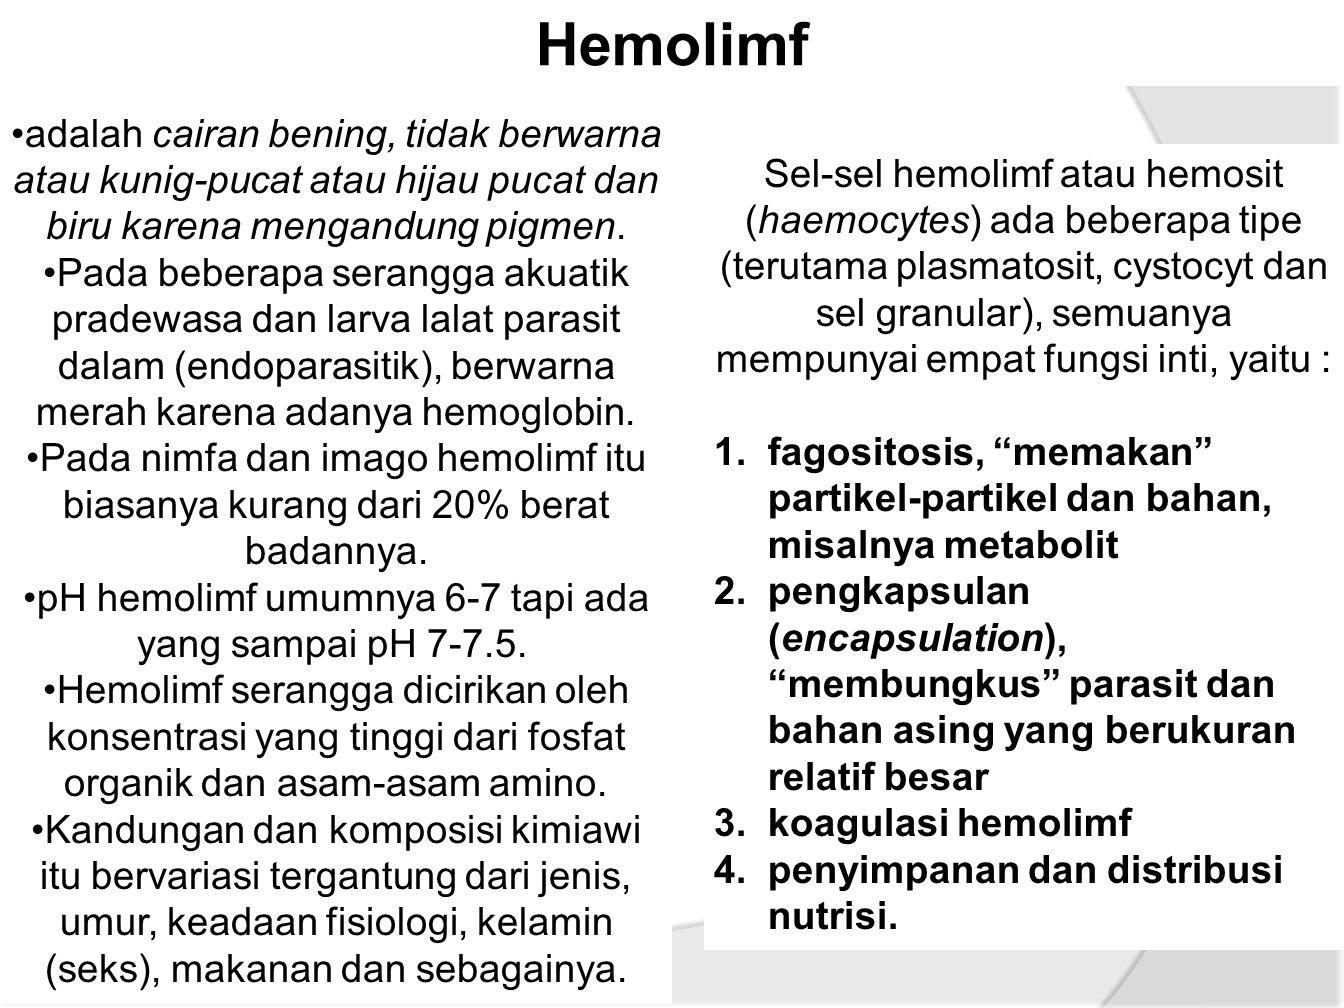 pH hemolimf umumnya 6-7 tapi ada yang sampai pH 7-7.5.